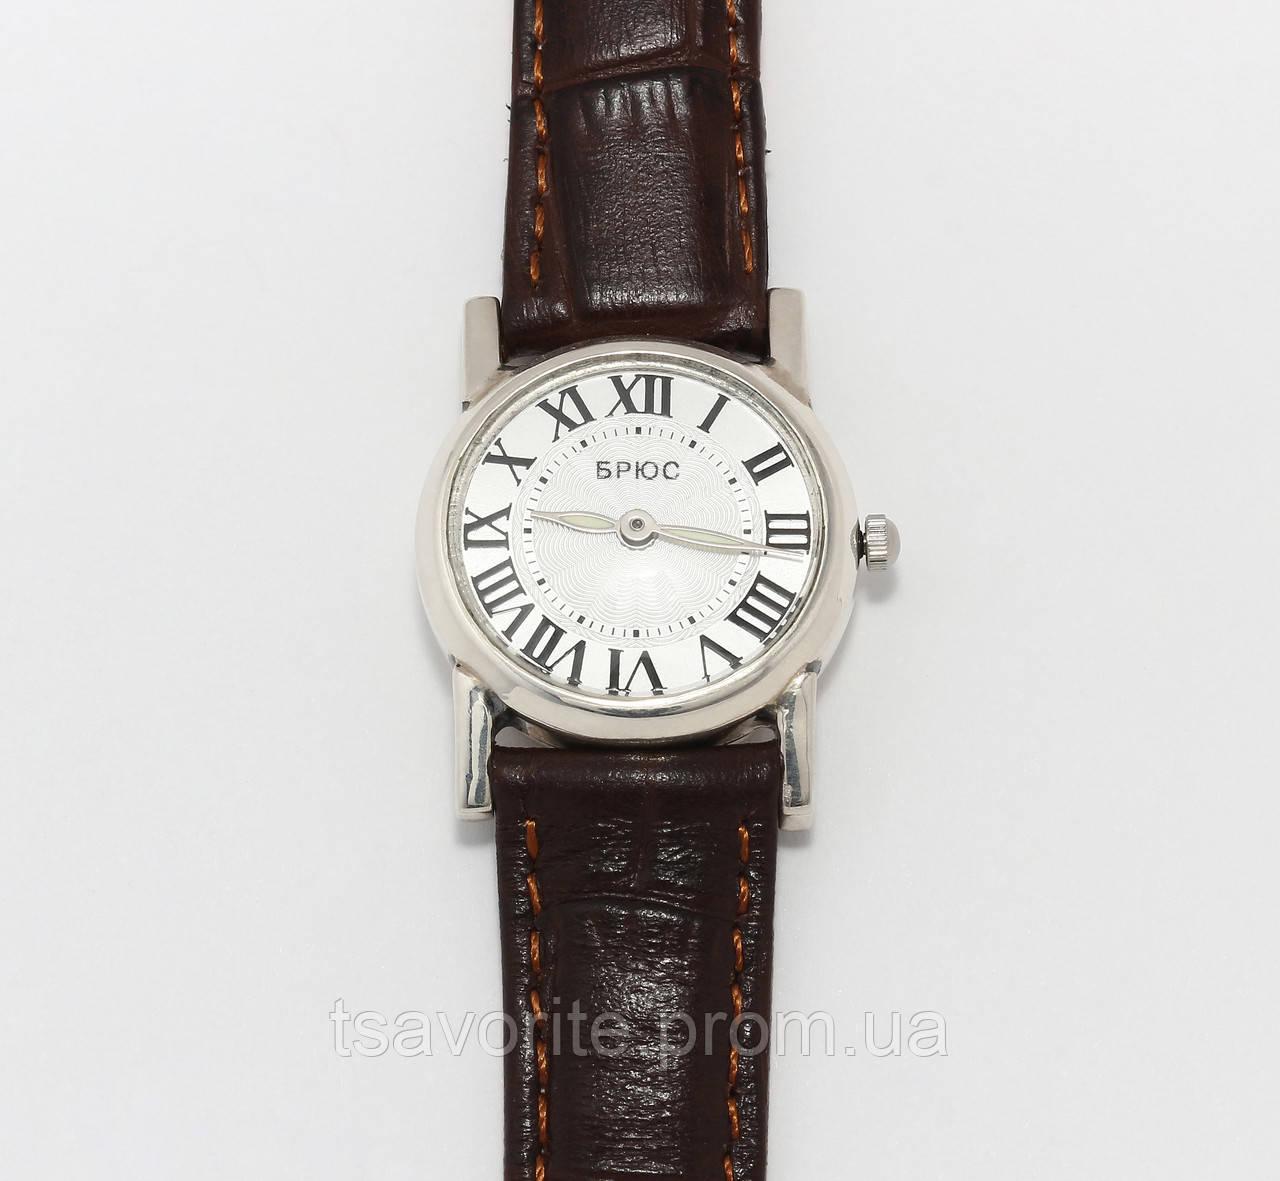 Женские серебряные часы Брюс 7100038 - Ювелирный Интернет-Магазин